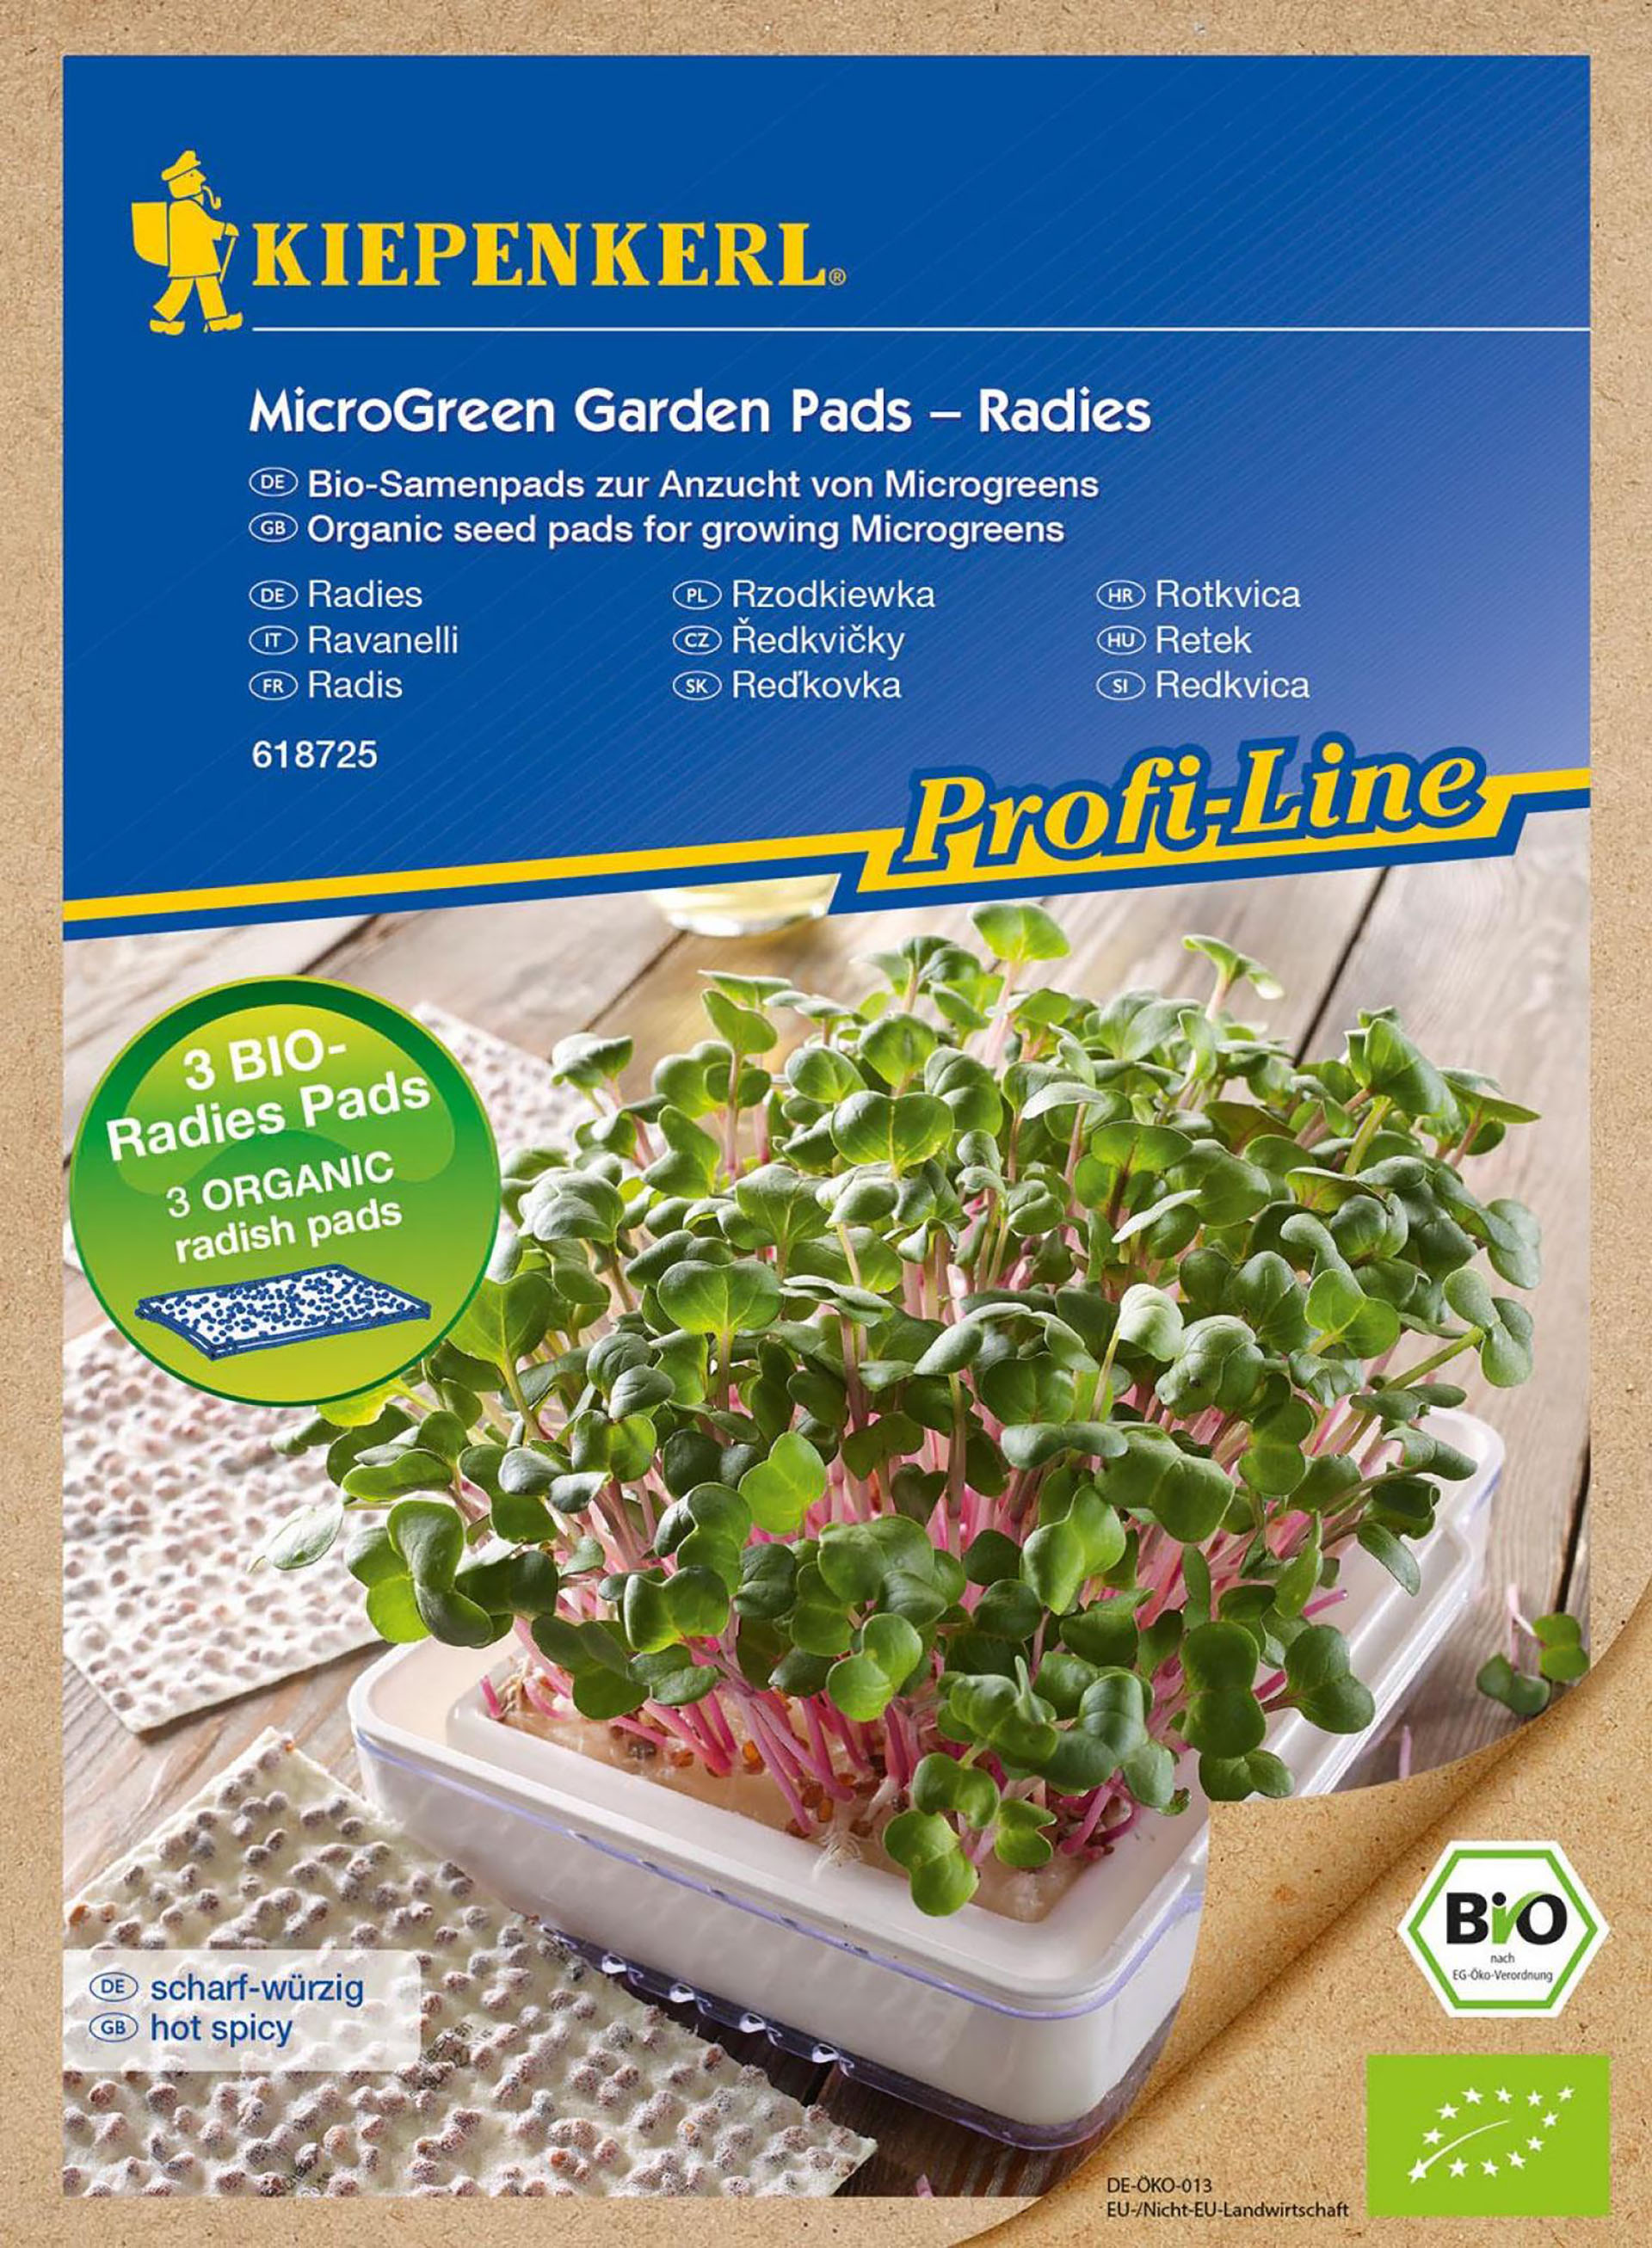 MicroGreen Garden BIO-Radies Nachfüllpads PG-N